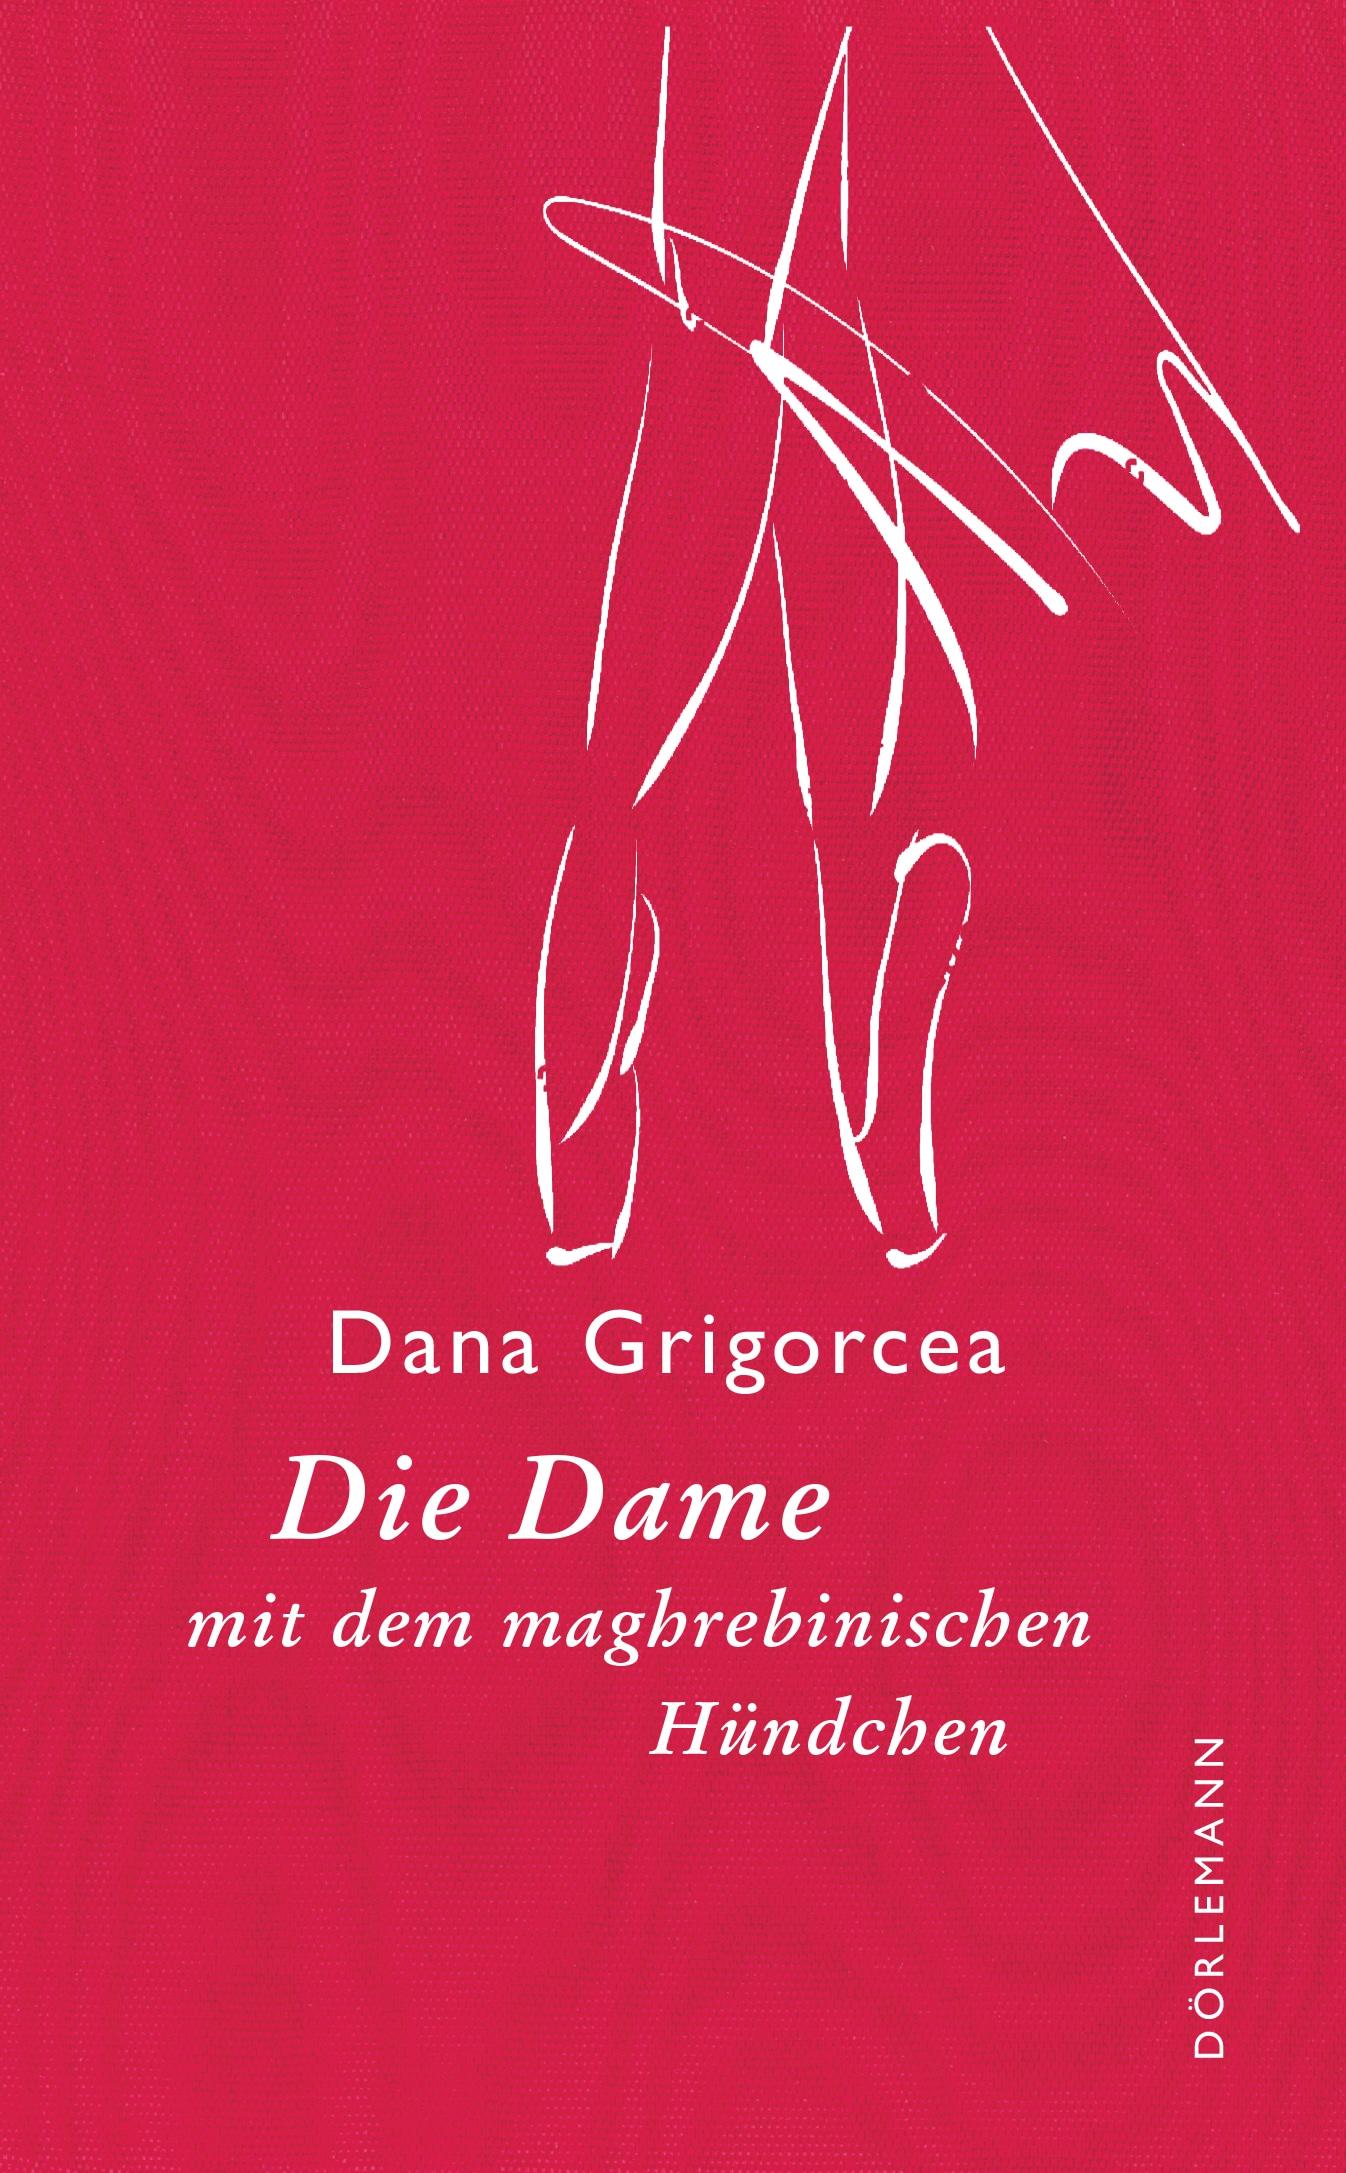 Dana Grigorcea: «Die Dame mit dem maghrebinischen Hündchen»